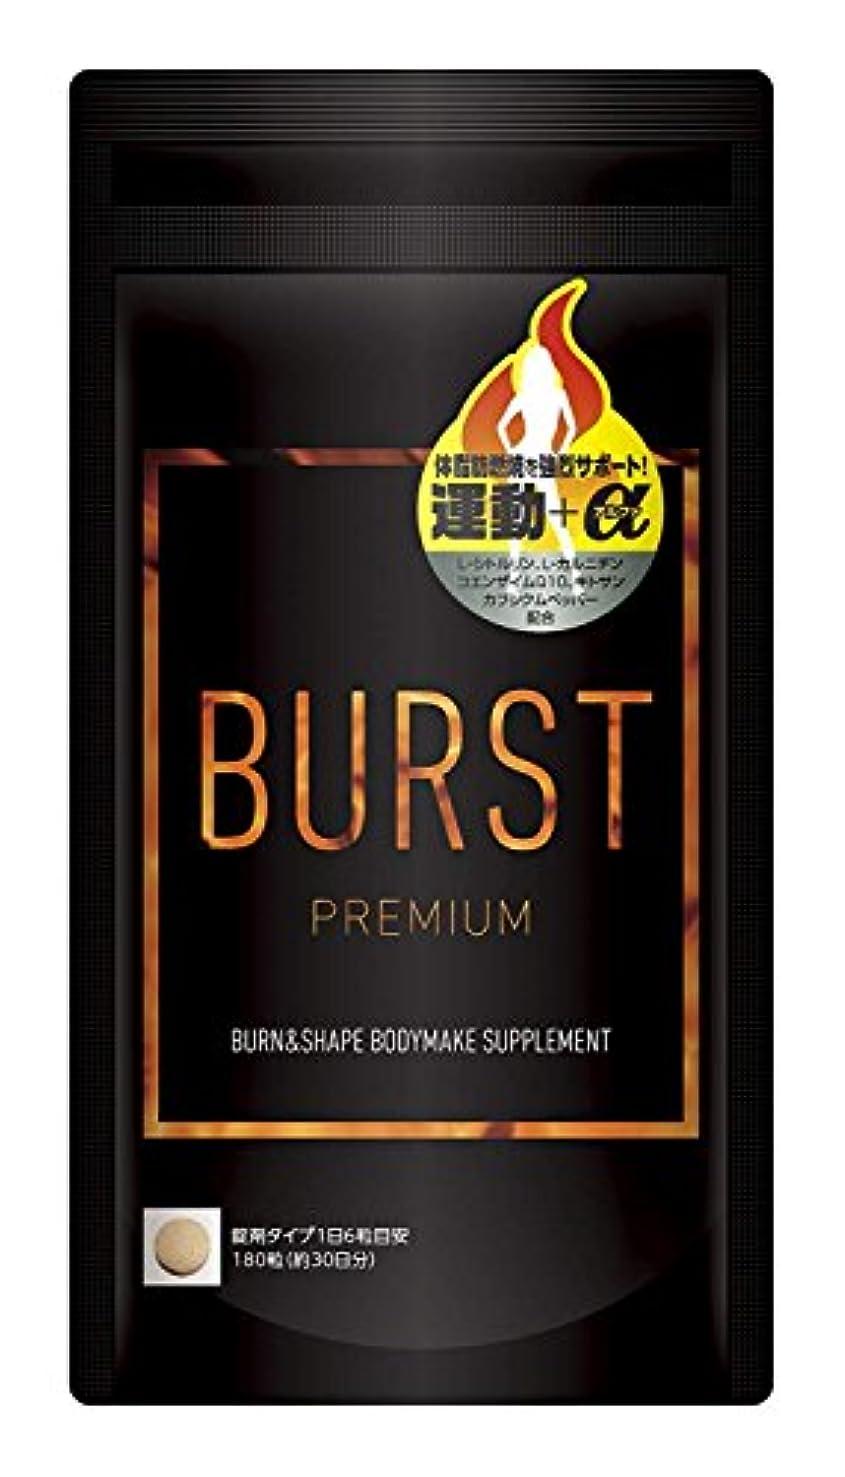 図書館ミトン中にバーストプレミアム BURST PREMIUM 燃焼系サプリメント 180錠 30日分